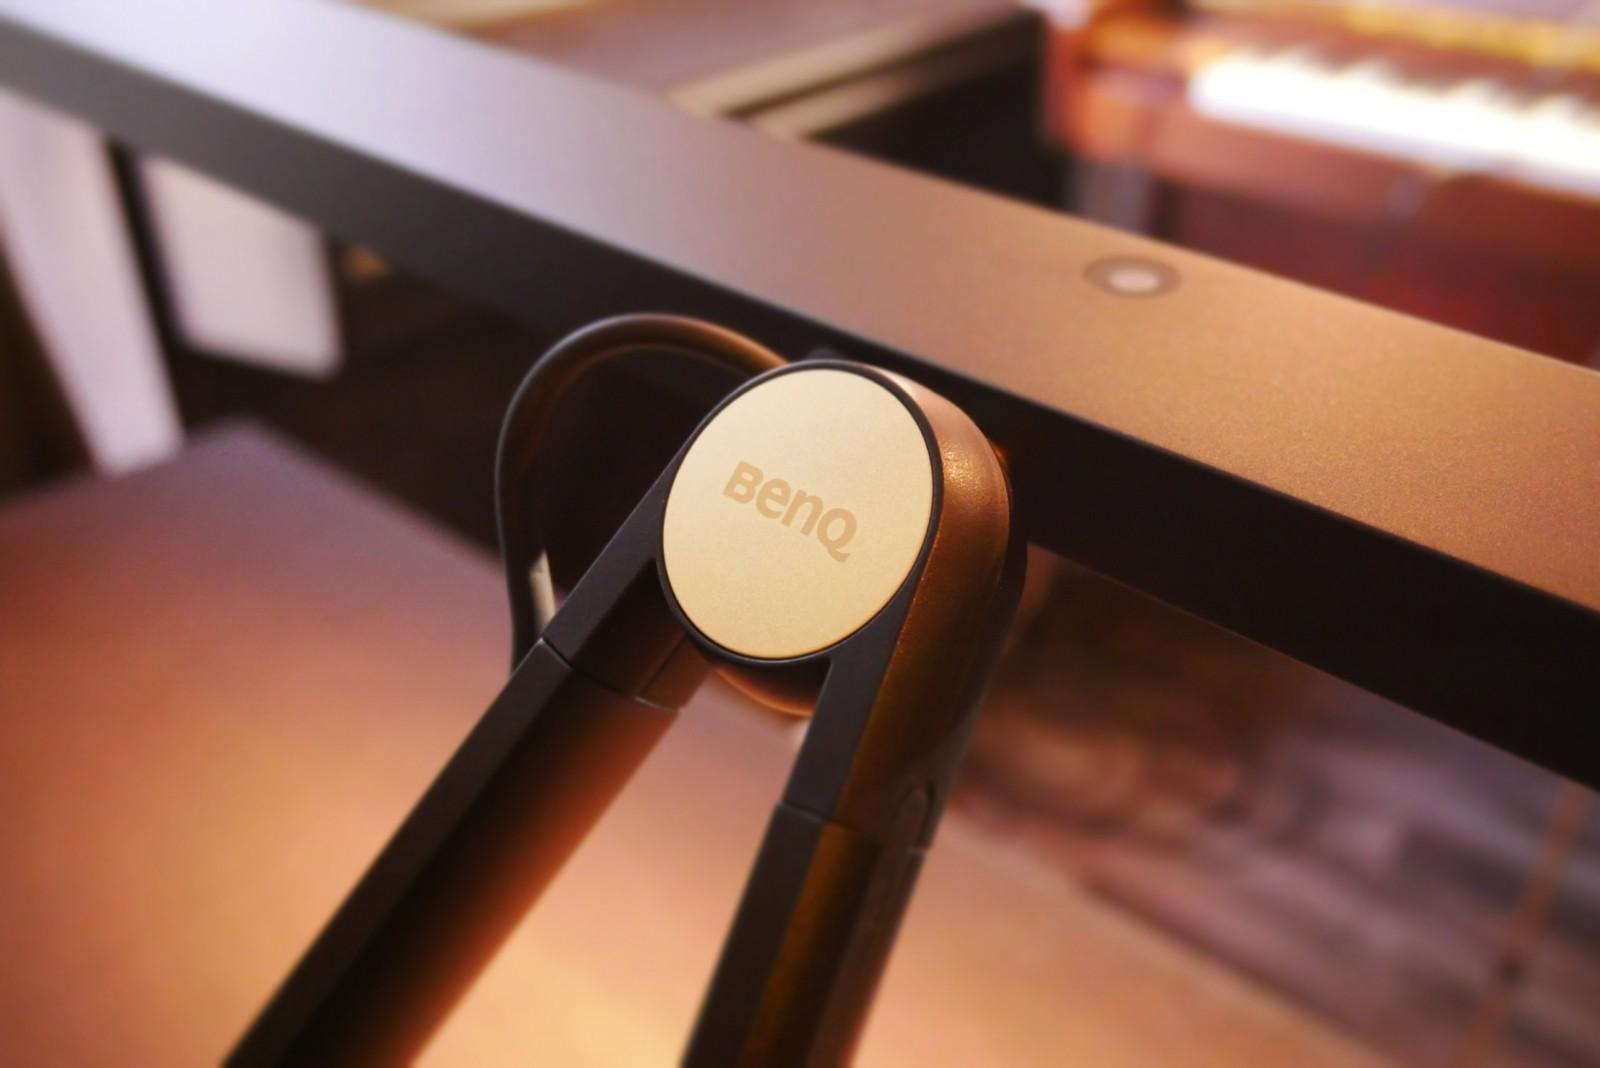 Die wahrscheinlich beste Klavierlampe der Welt - Benq Pianolamp vorgestellt